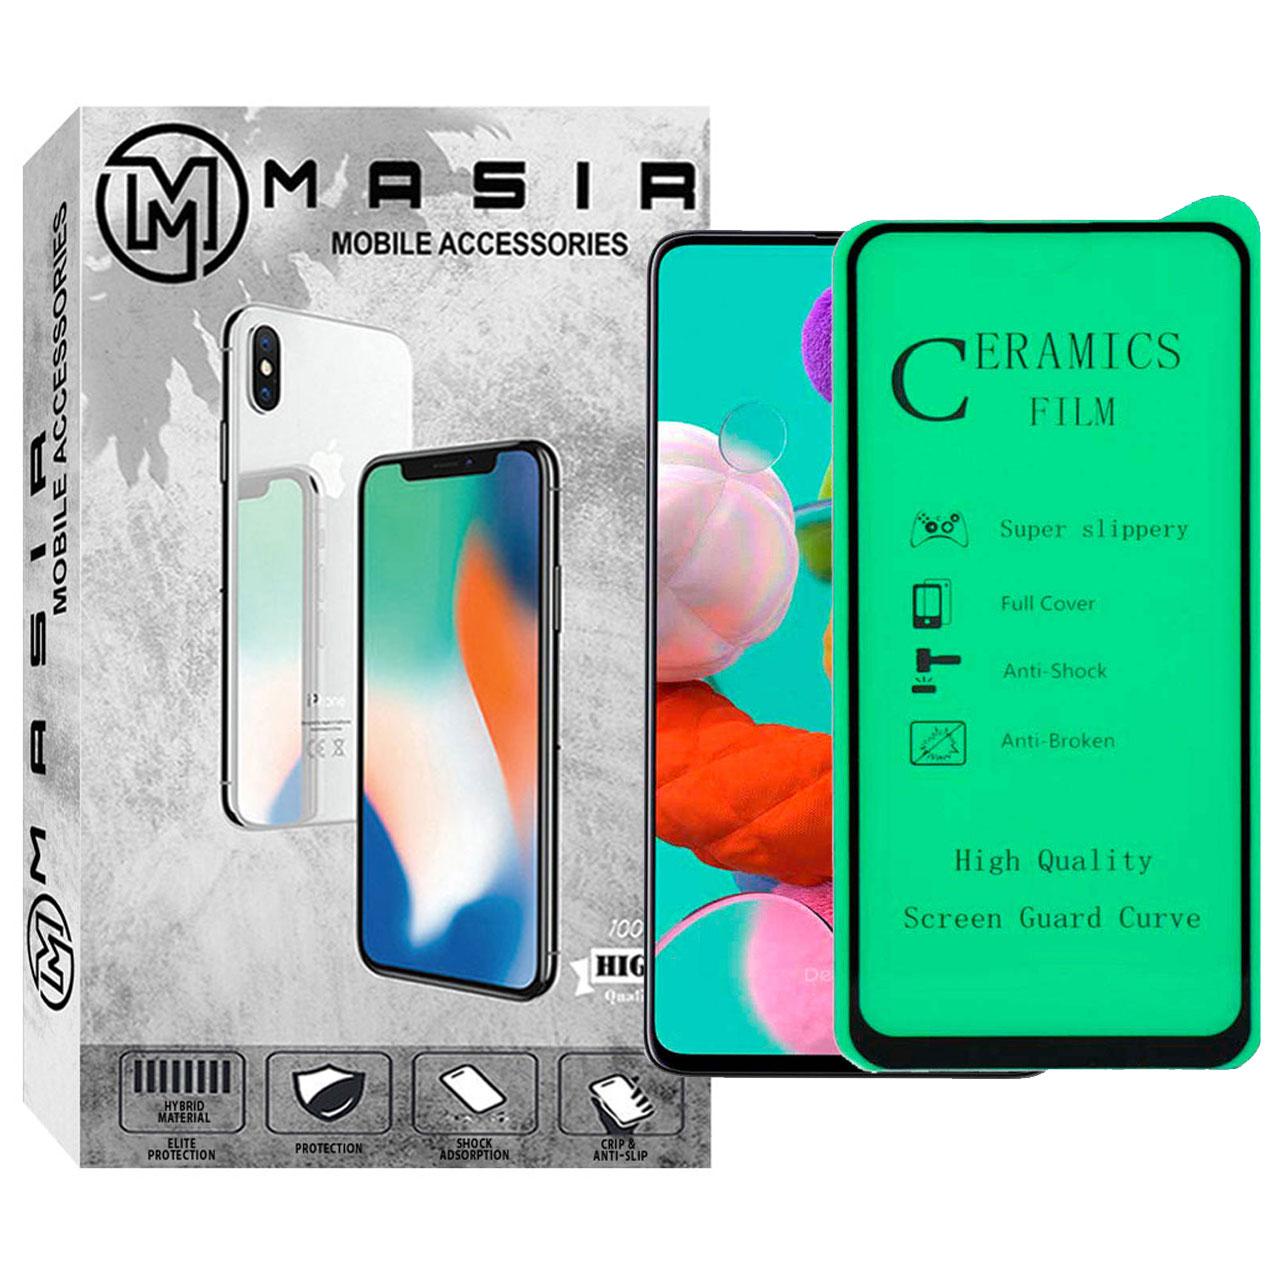 محافظ صفحه نمایش نانو مسیر مدل Mscrm-01 مناسب برای گوشی موبایل سامسونگ Galaxy A51